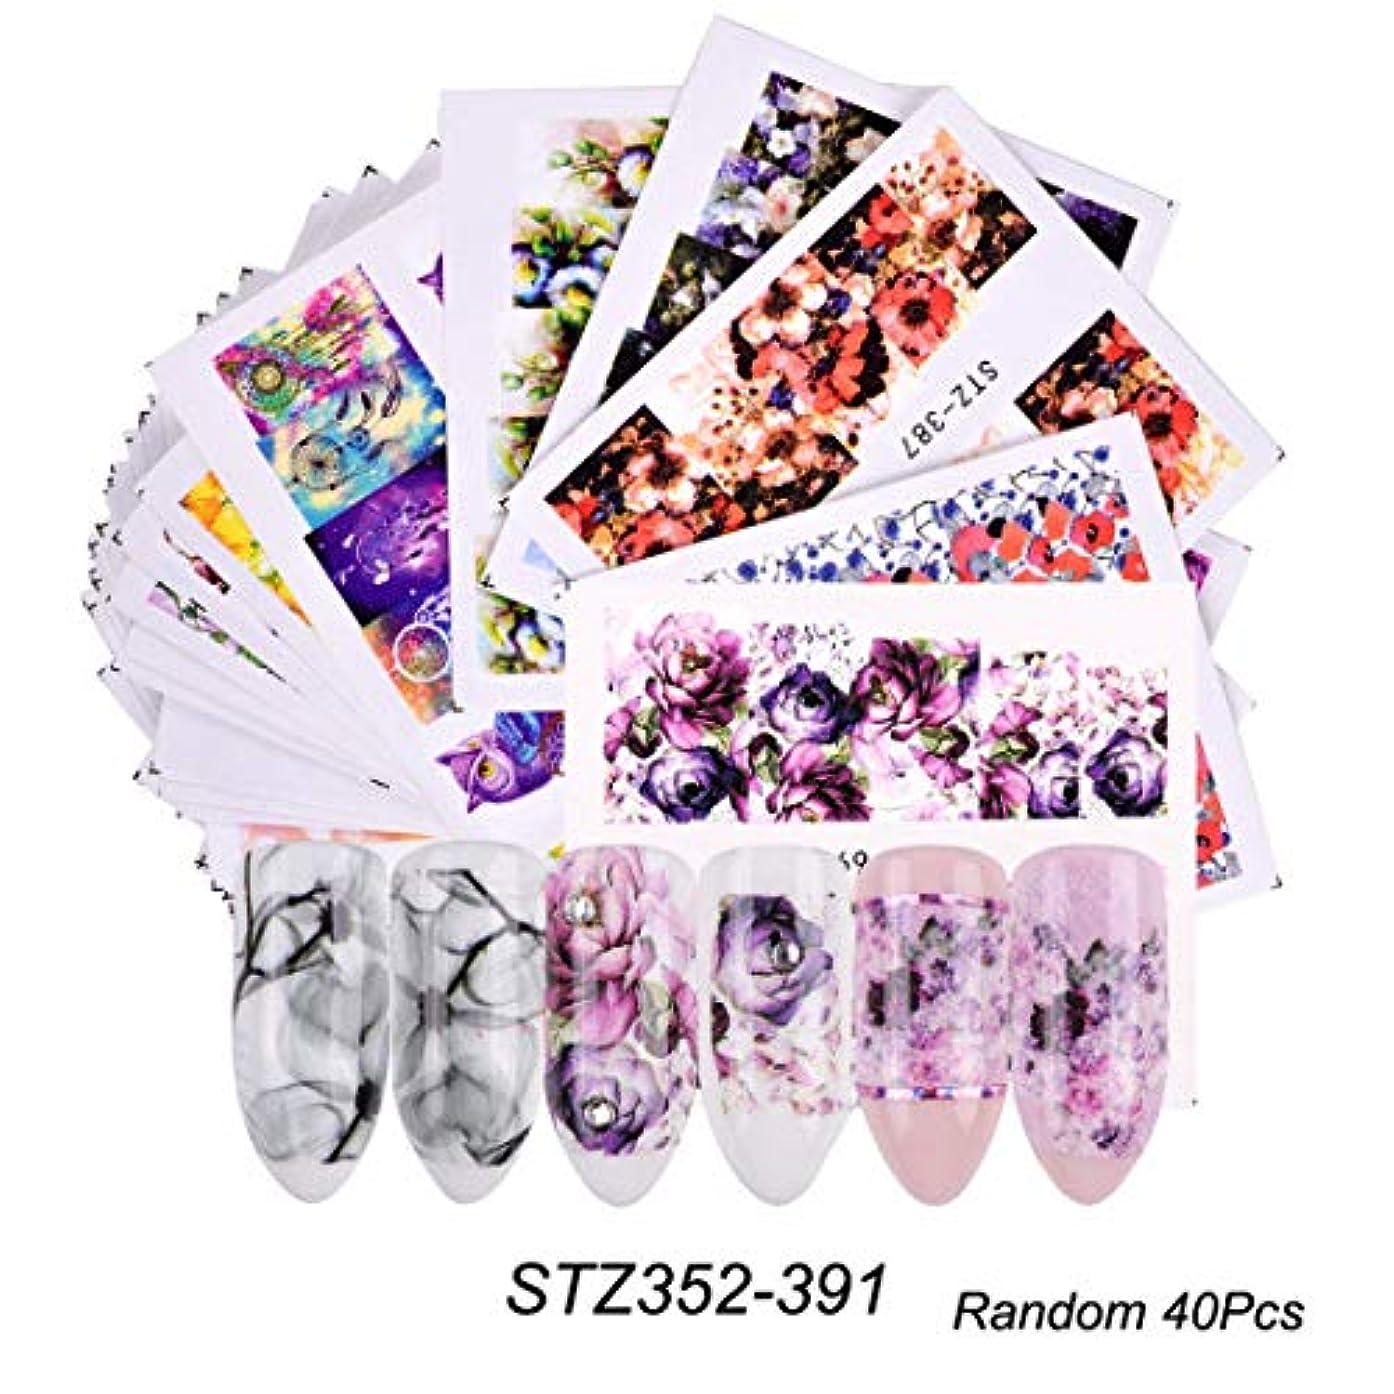 反抗ハント割り当てる(STZ352-391) 40枚セット 3Dカラフルな花 ネイルシールウォーターネイルシール爪に貼るだけネイルデコレーション